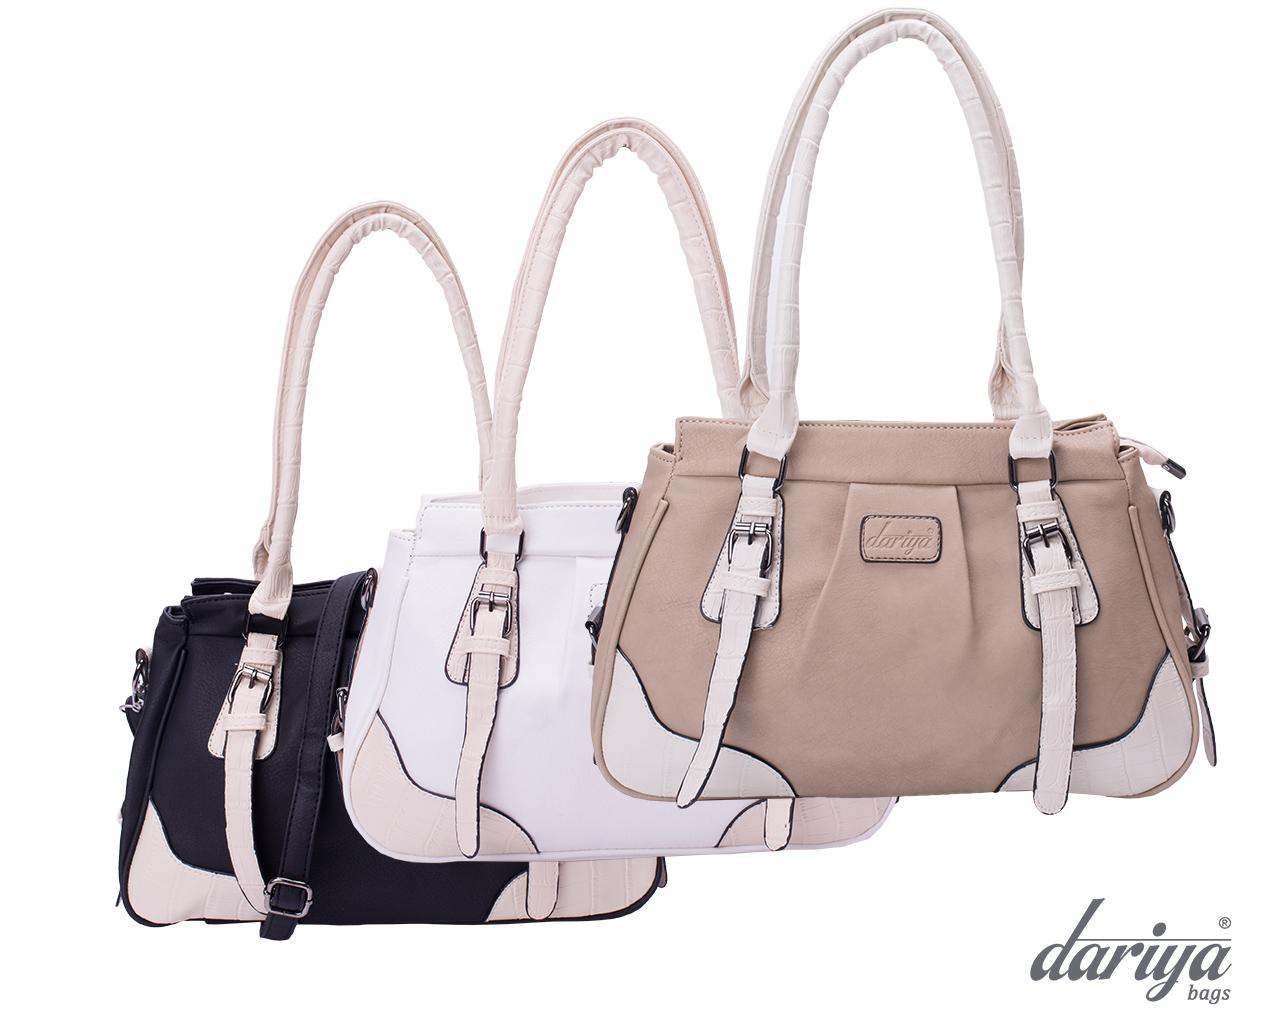 G014 - dariya® bags